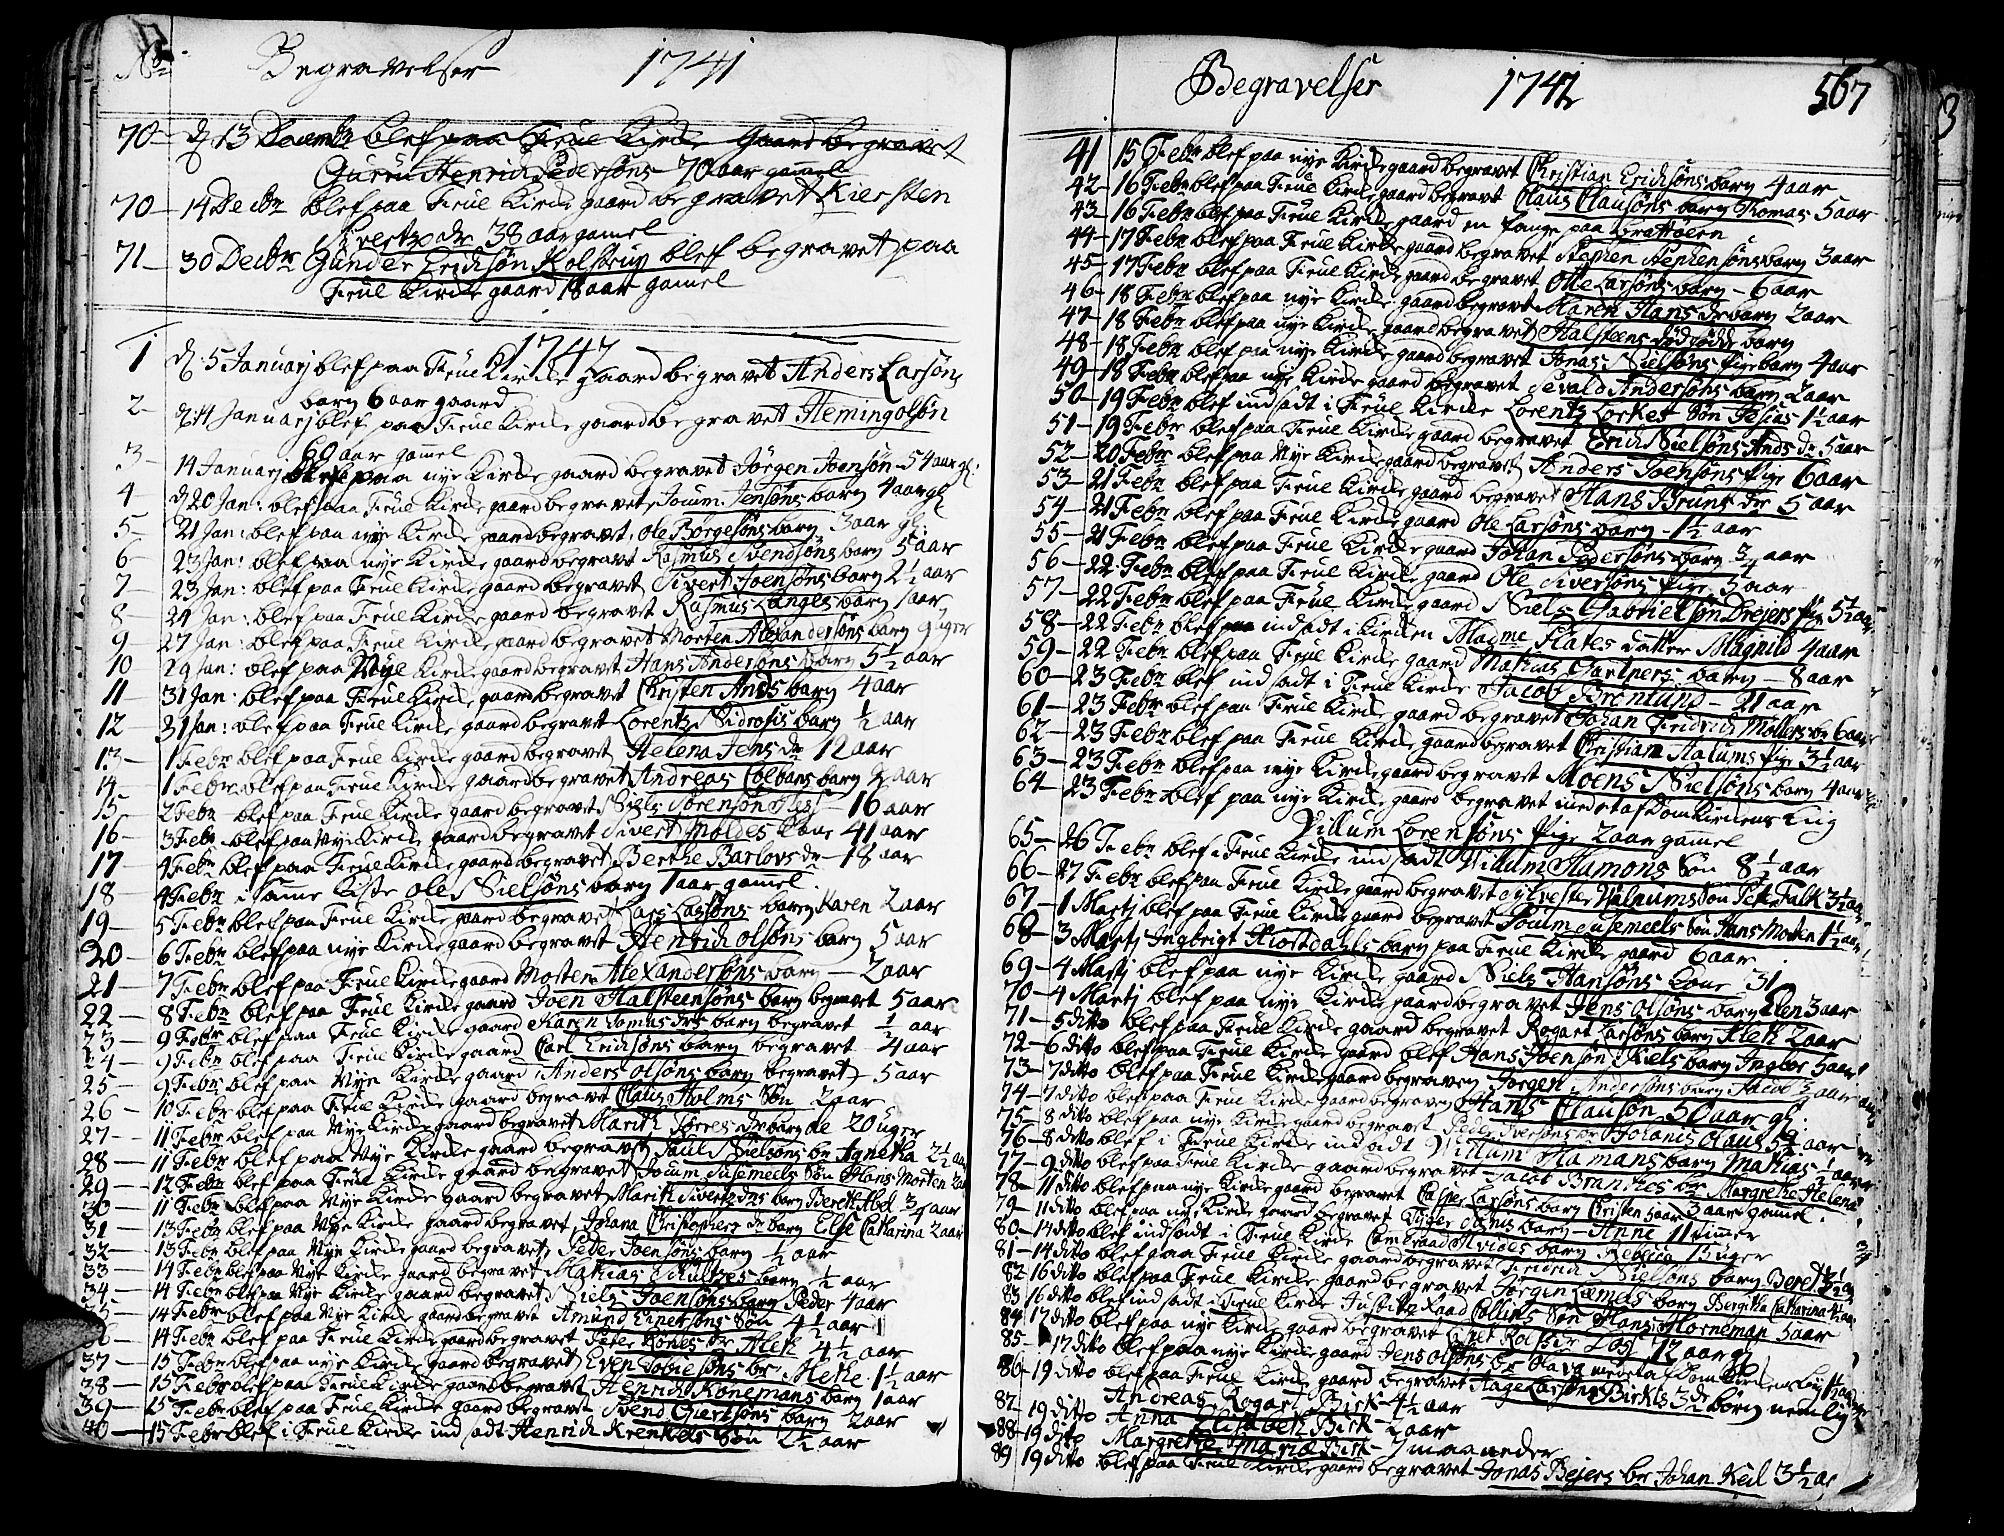 SAT, Ministerialprotokoller, klokkerbøker og fødselsregistre - Sør-Trøndelag, 602/L0103: Ministerialbok nr. 602A01, 1732-1774, s. 567